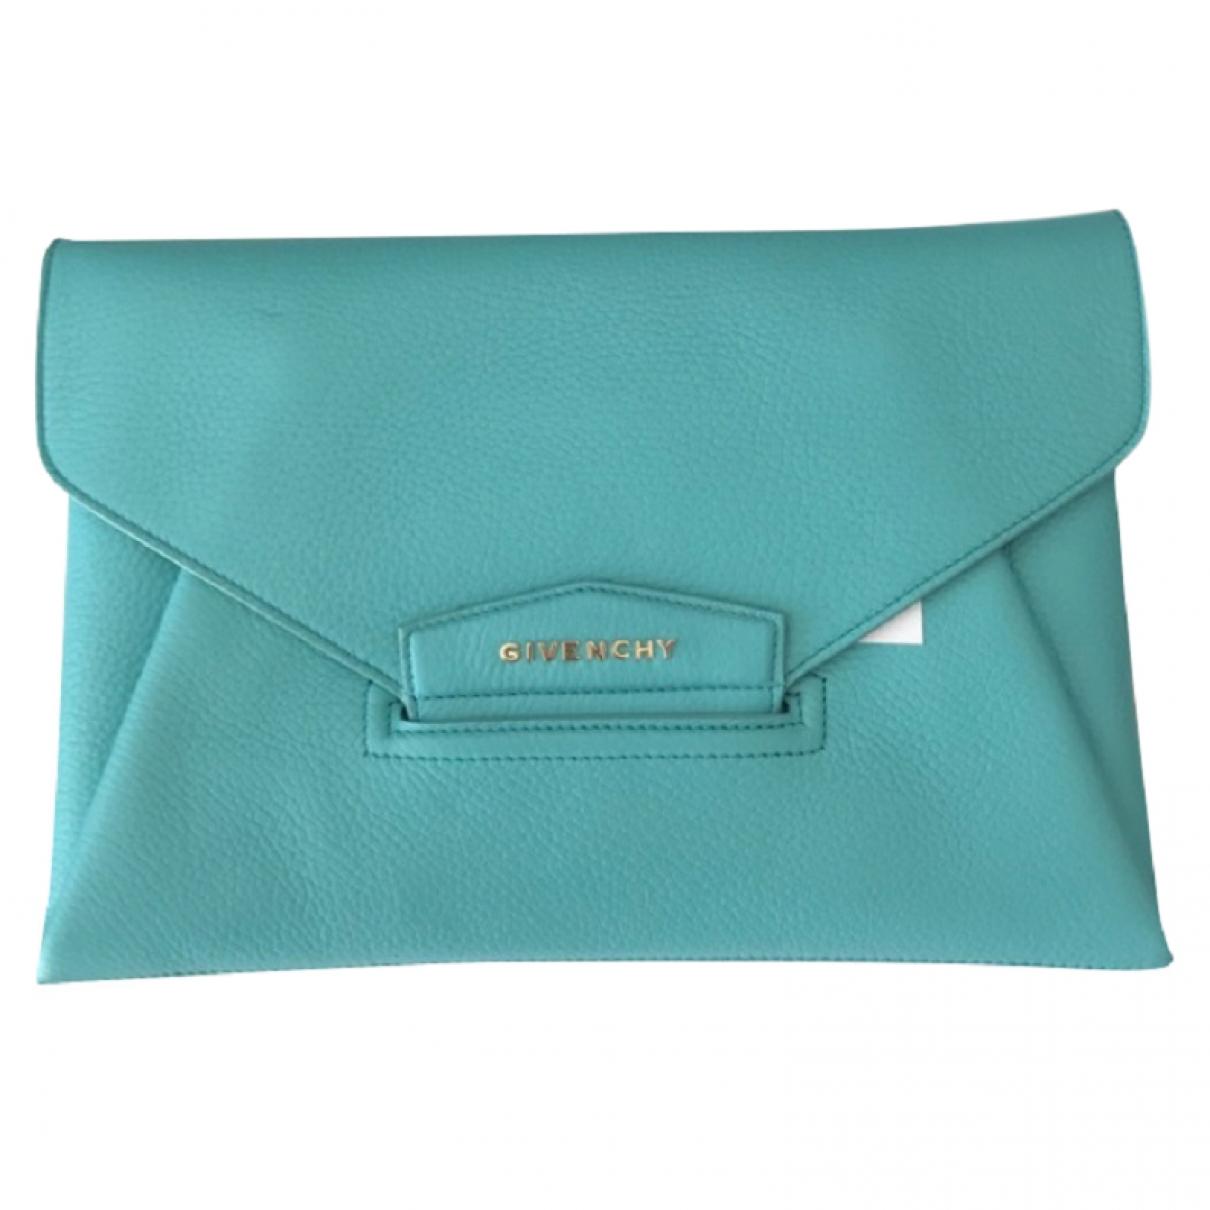 Givenchy - Pochette Antigona pour femme en cuir - turquoise